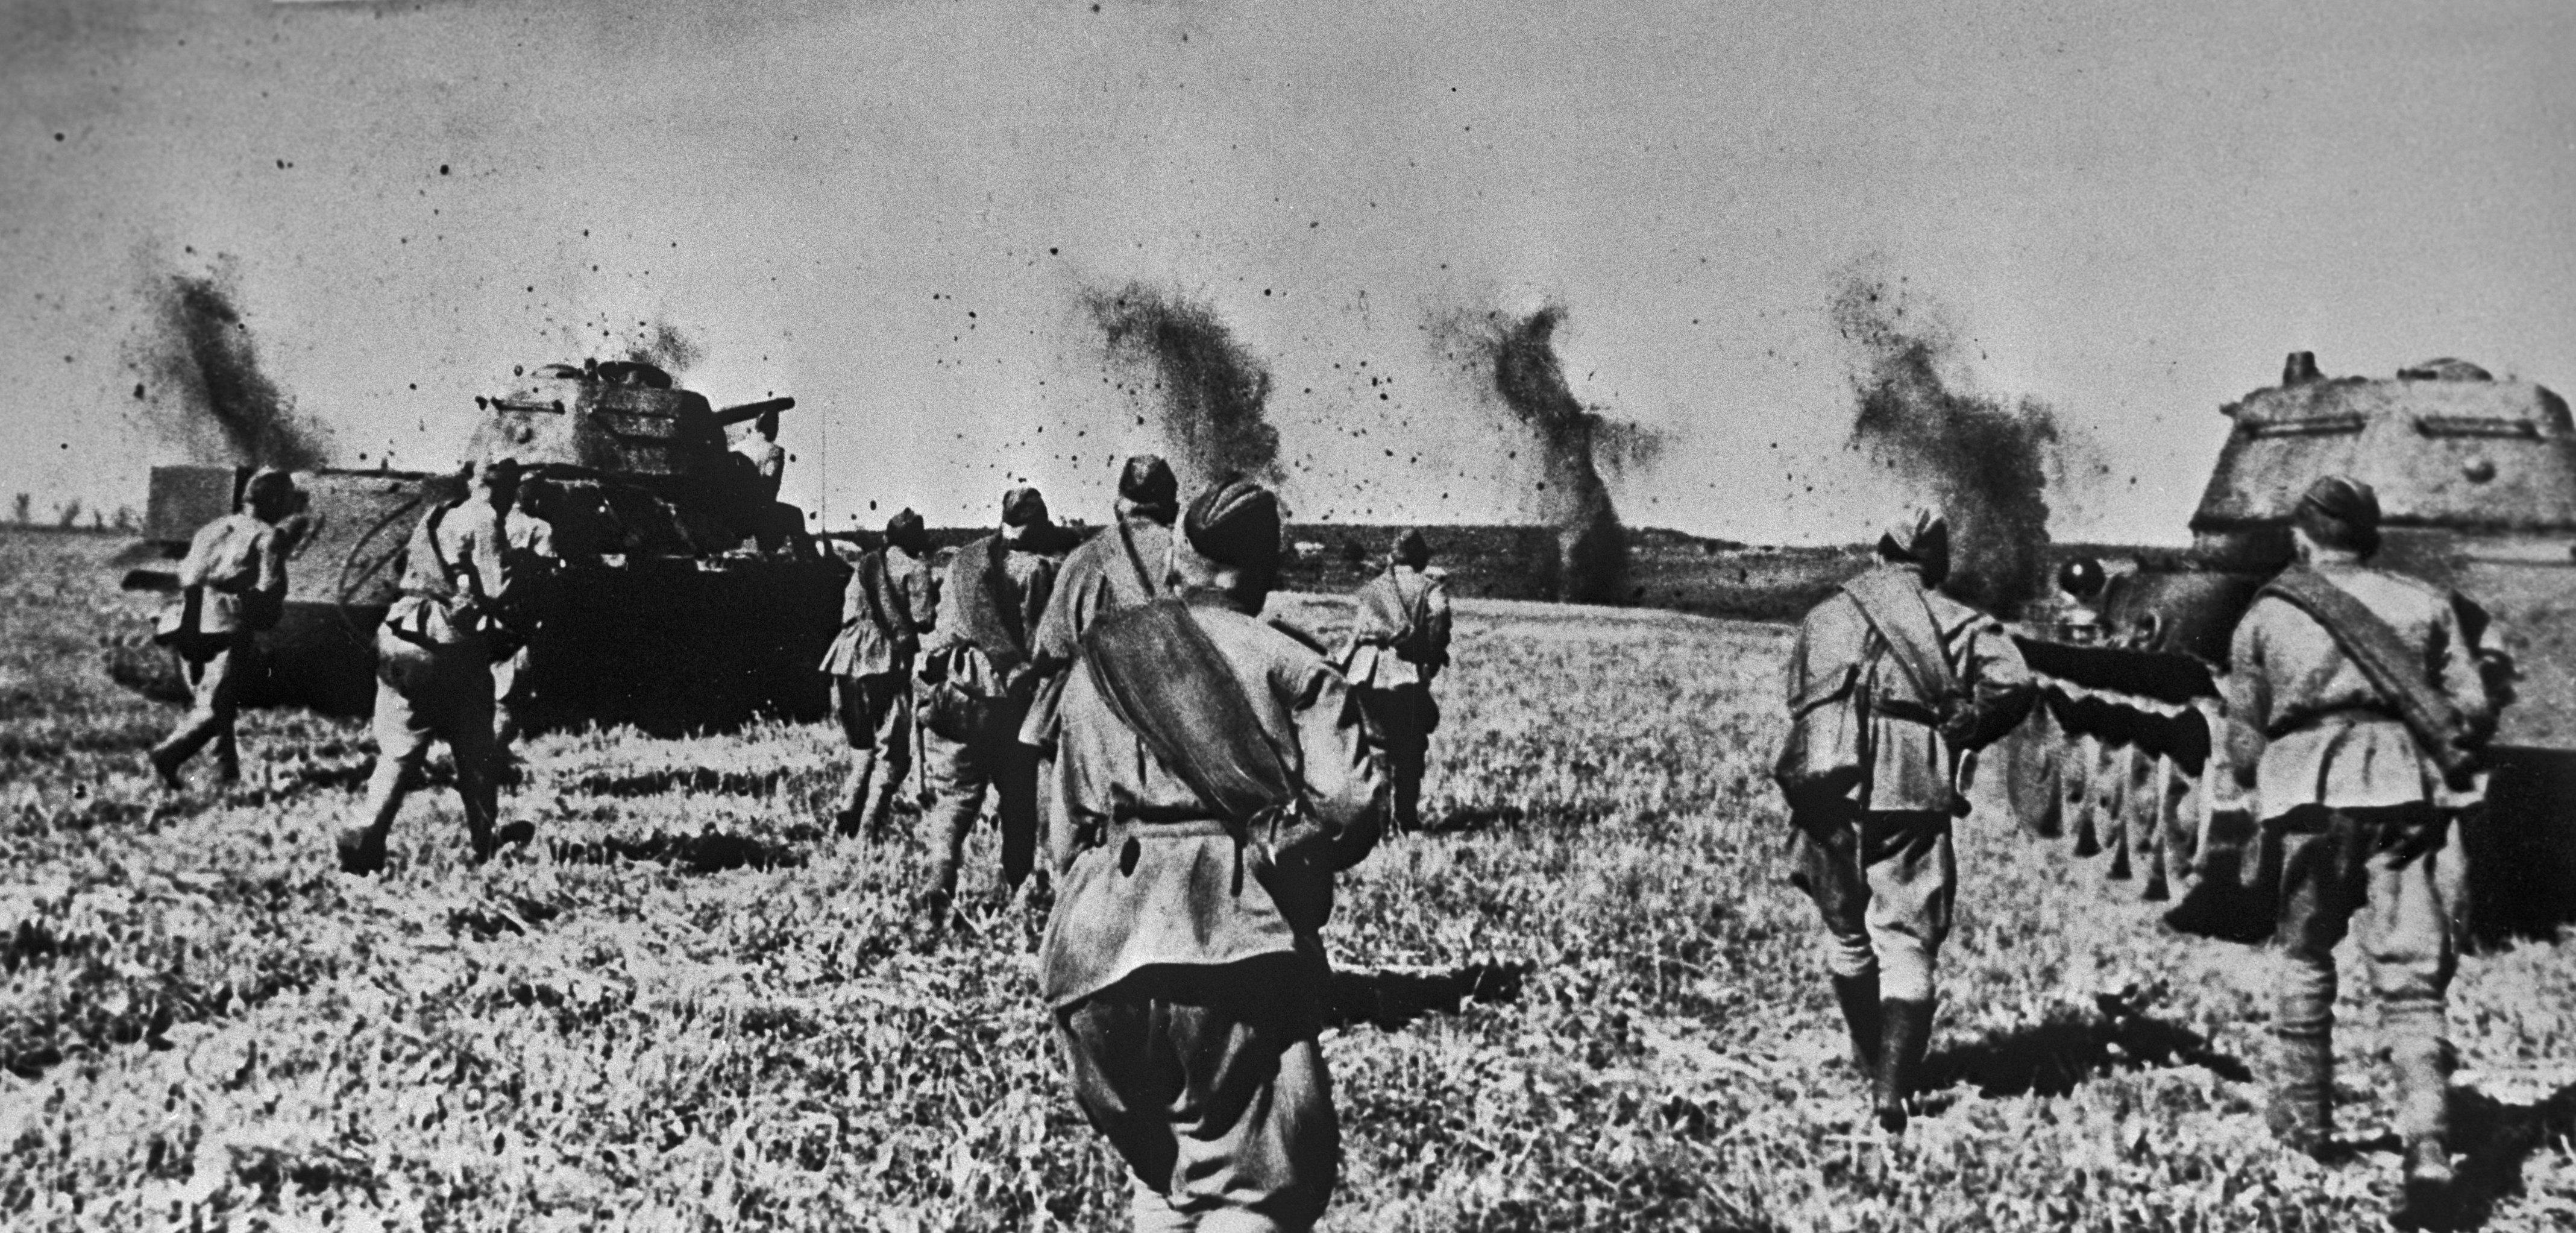 Войска Воронежского фронта под прикрытием танков идут в атаку